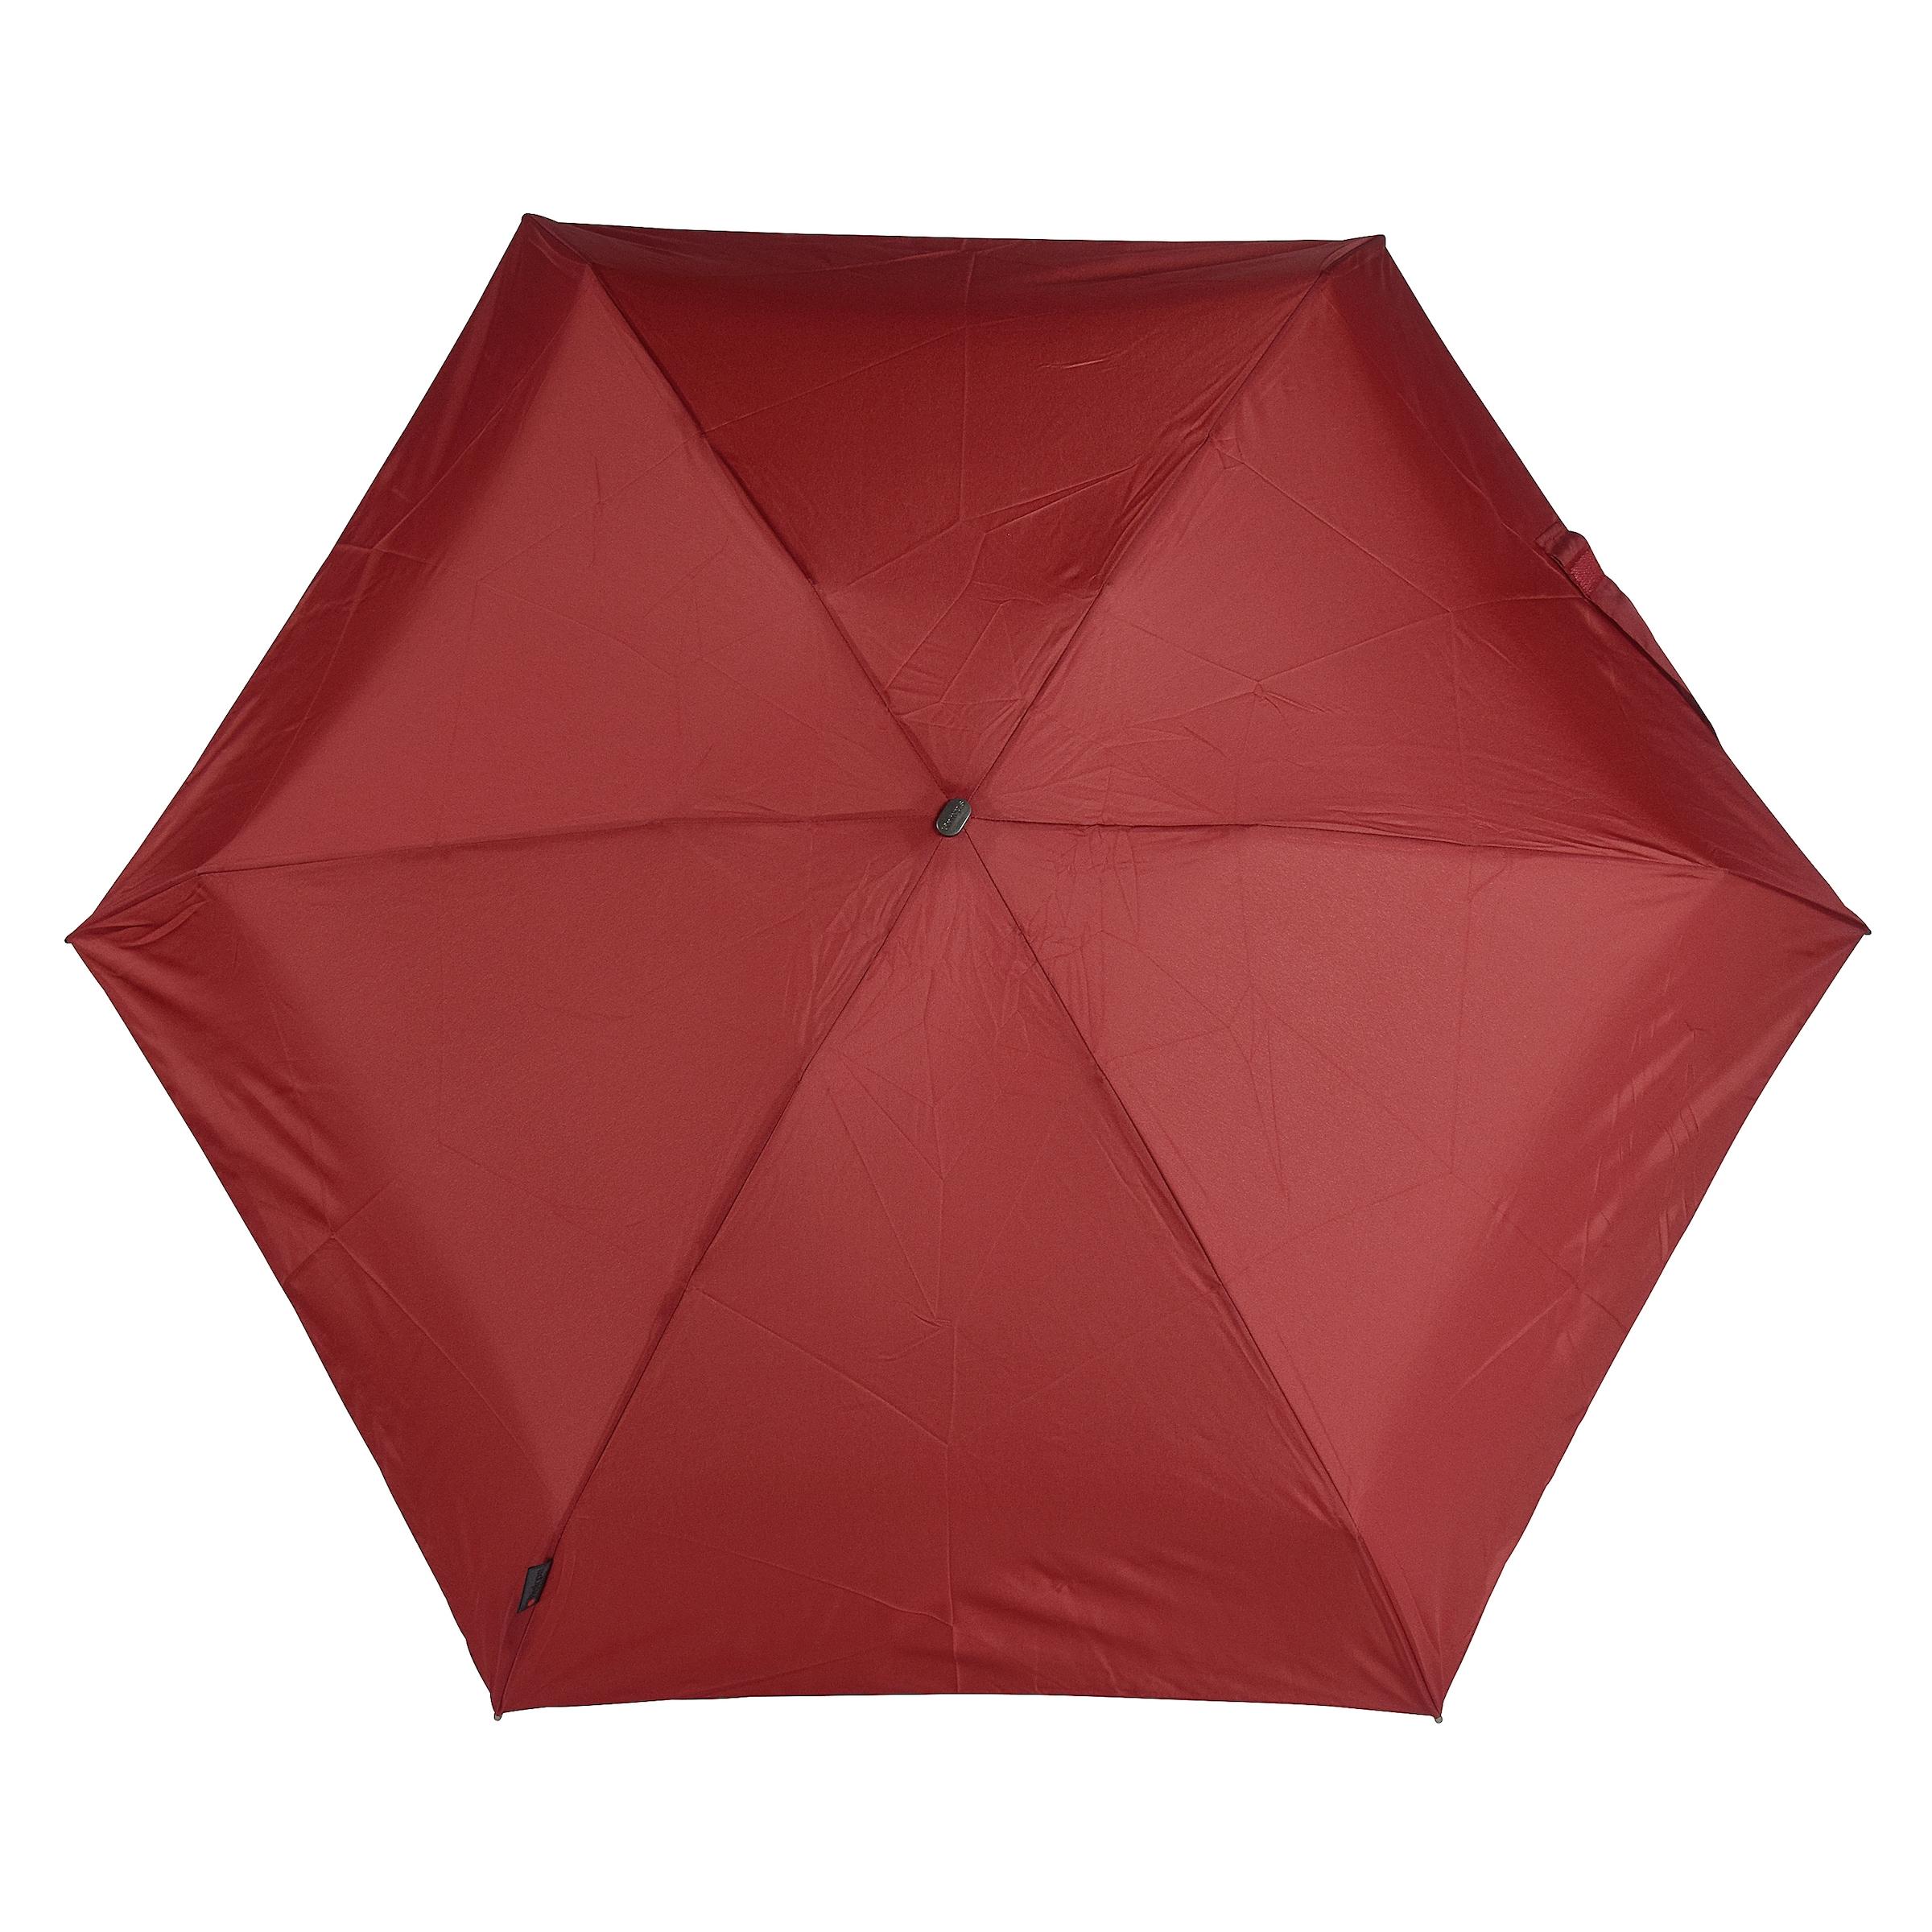 Knirps Parapluie Rouge En Manual' Small Foncé 'ts 010 zpGSjLUqMV